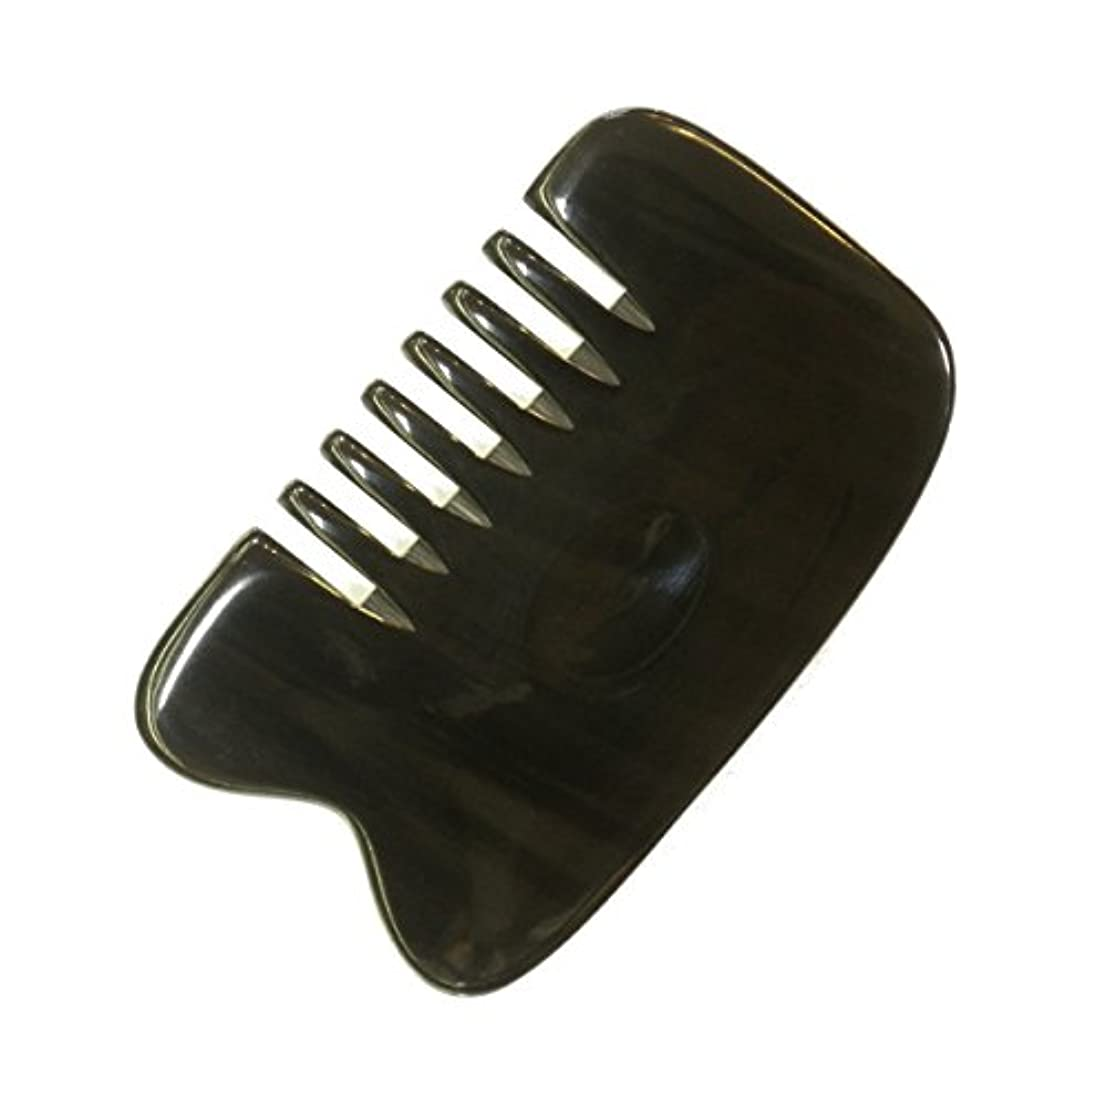 発音する偽善者通貨かっさ プレート 厚さが選べる 水牛の角(黒水牛角) EHE221SP 櫛型 特級品 少し厚め(7ミリ程度)